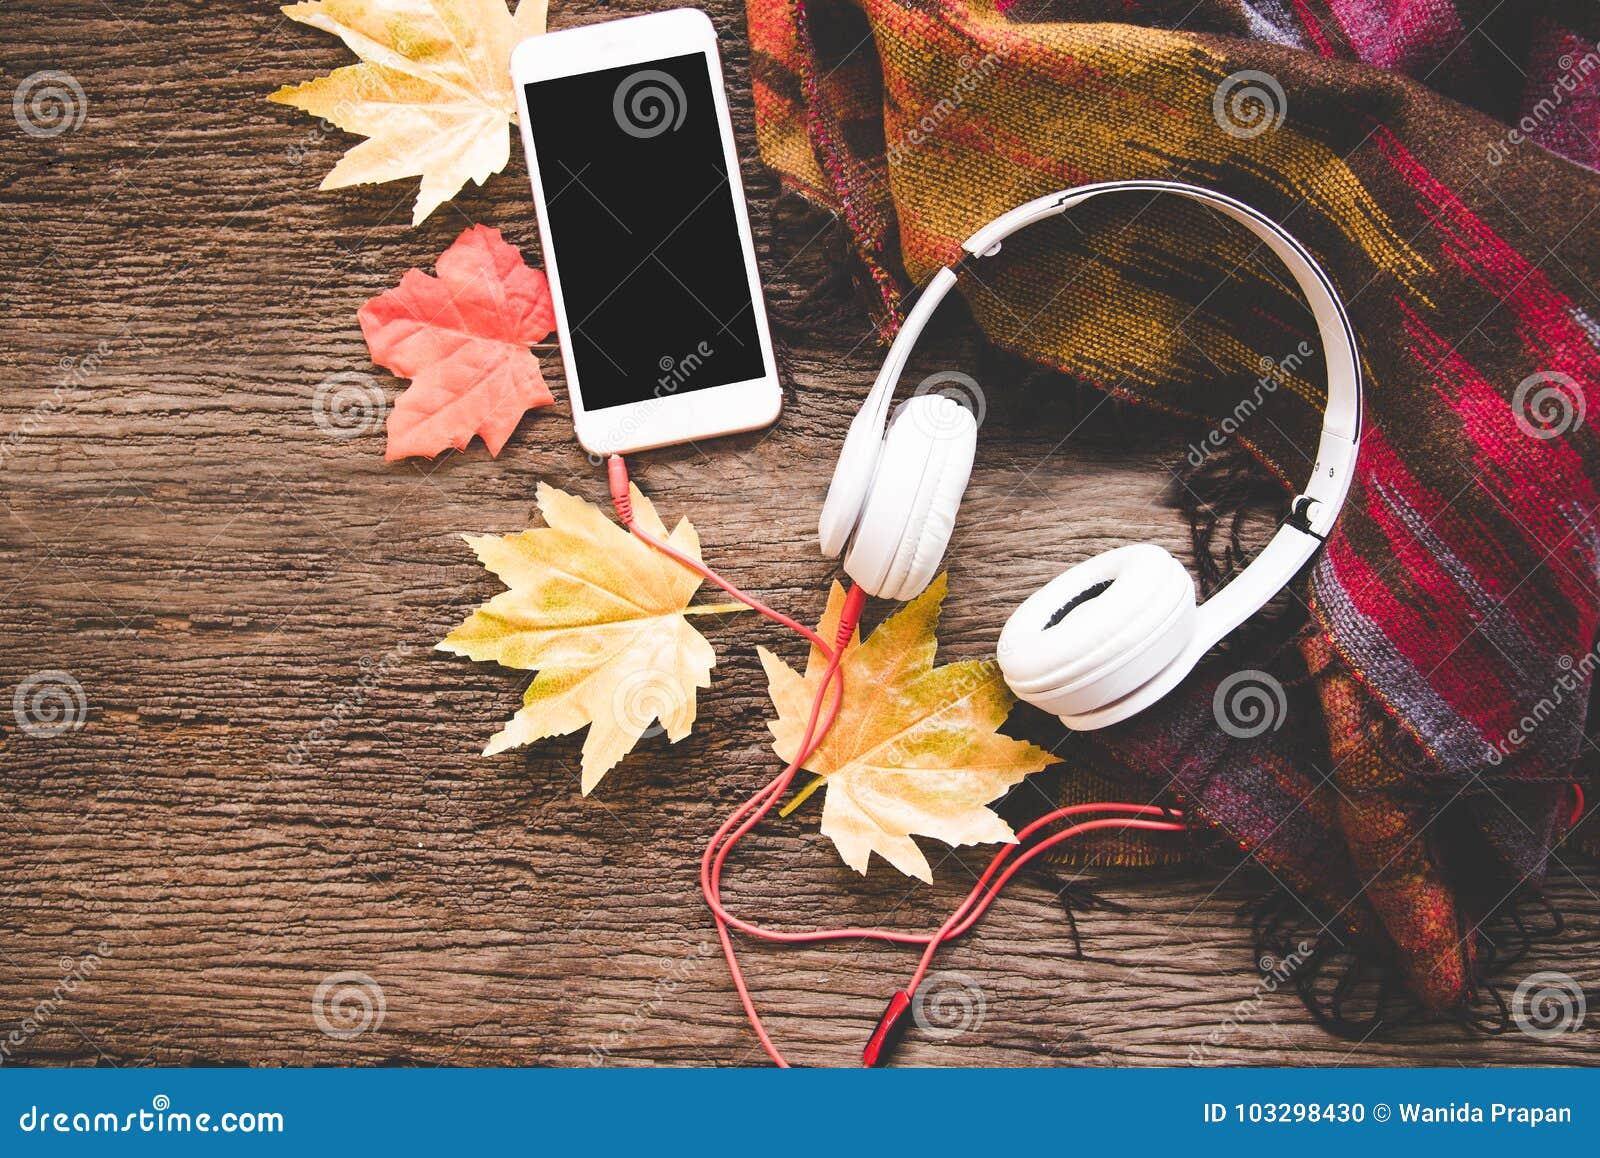 O fundo acolhedor do inverno, o copo do café quente com marshmallow e a música do fones de ouvido, telefone esperto, aquecem a ca